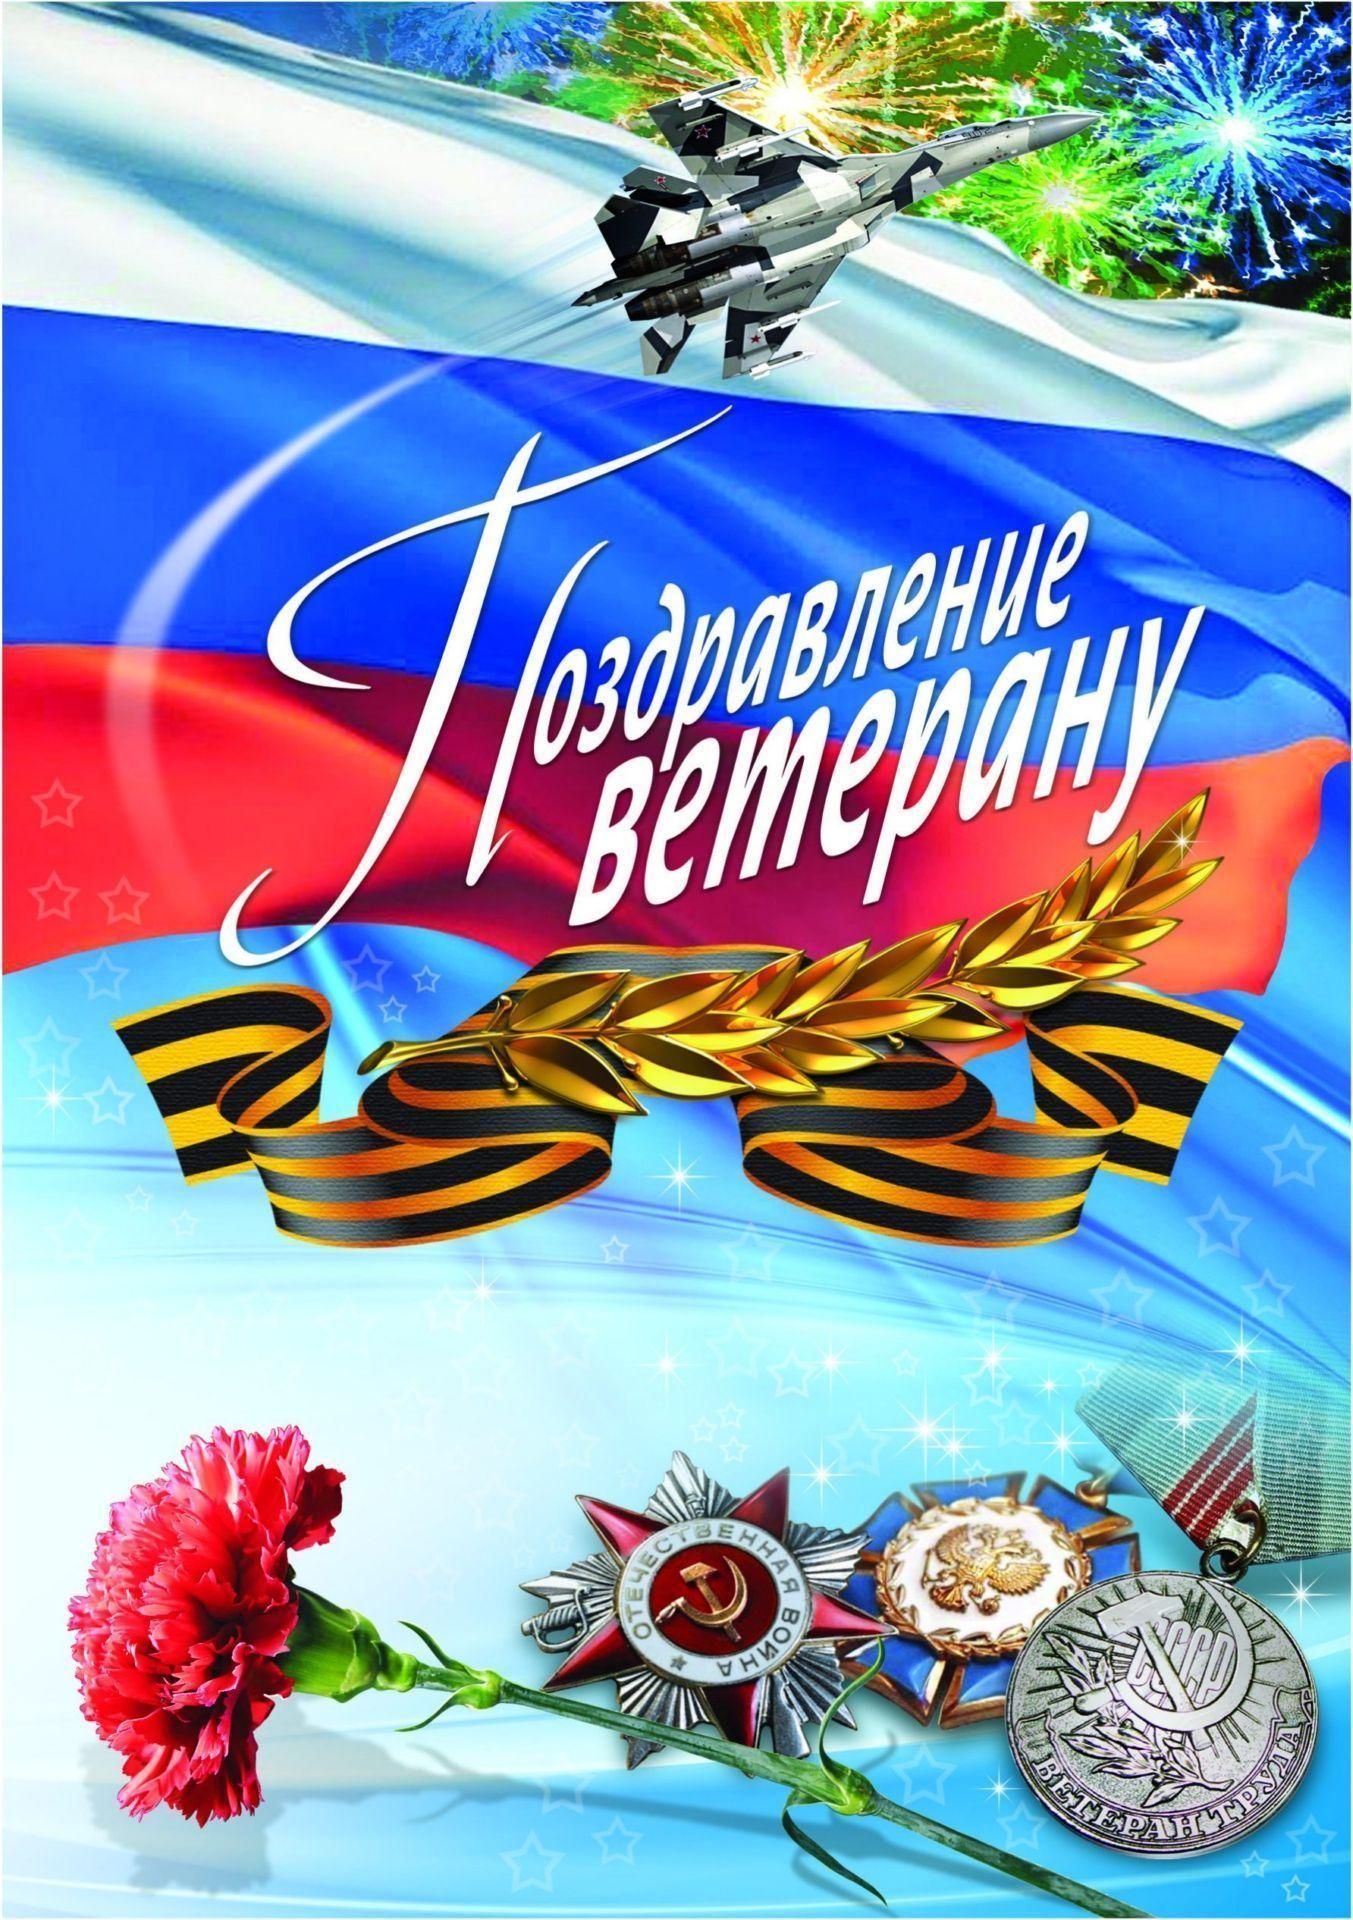 Поздравление ветерану (открытка)Фирменные открытки<br>.<br><br>Год: 2017<br>Высота: 210<br>Ширина: 148